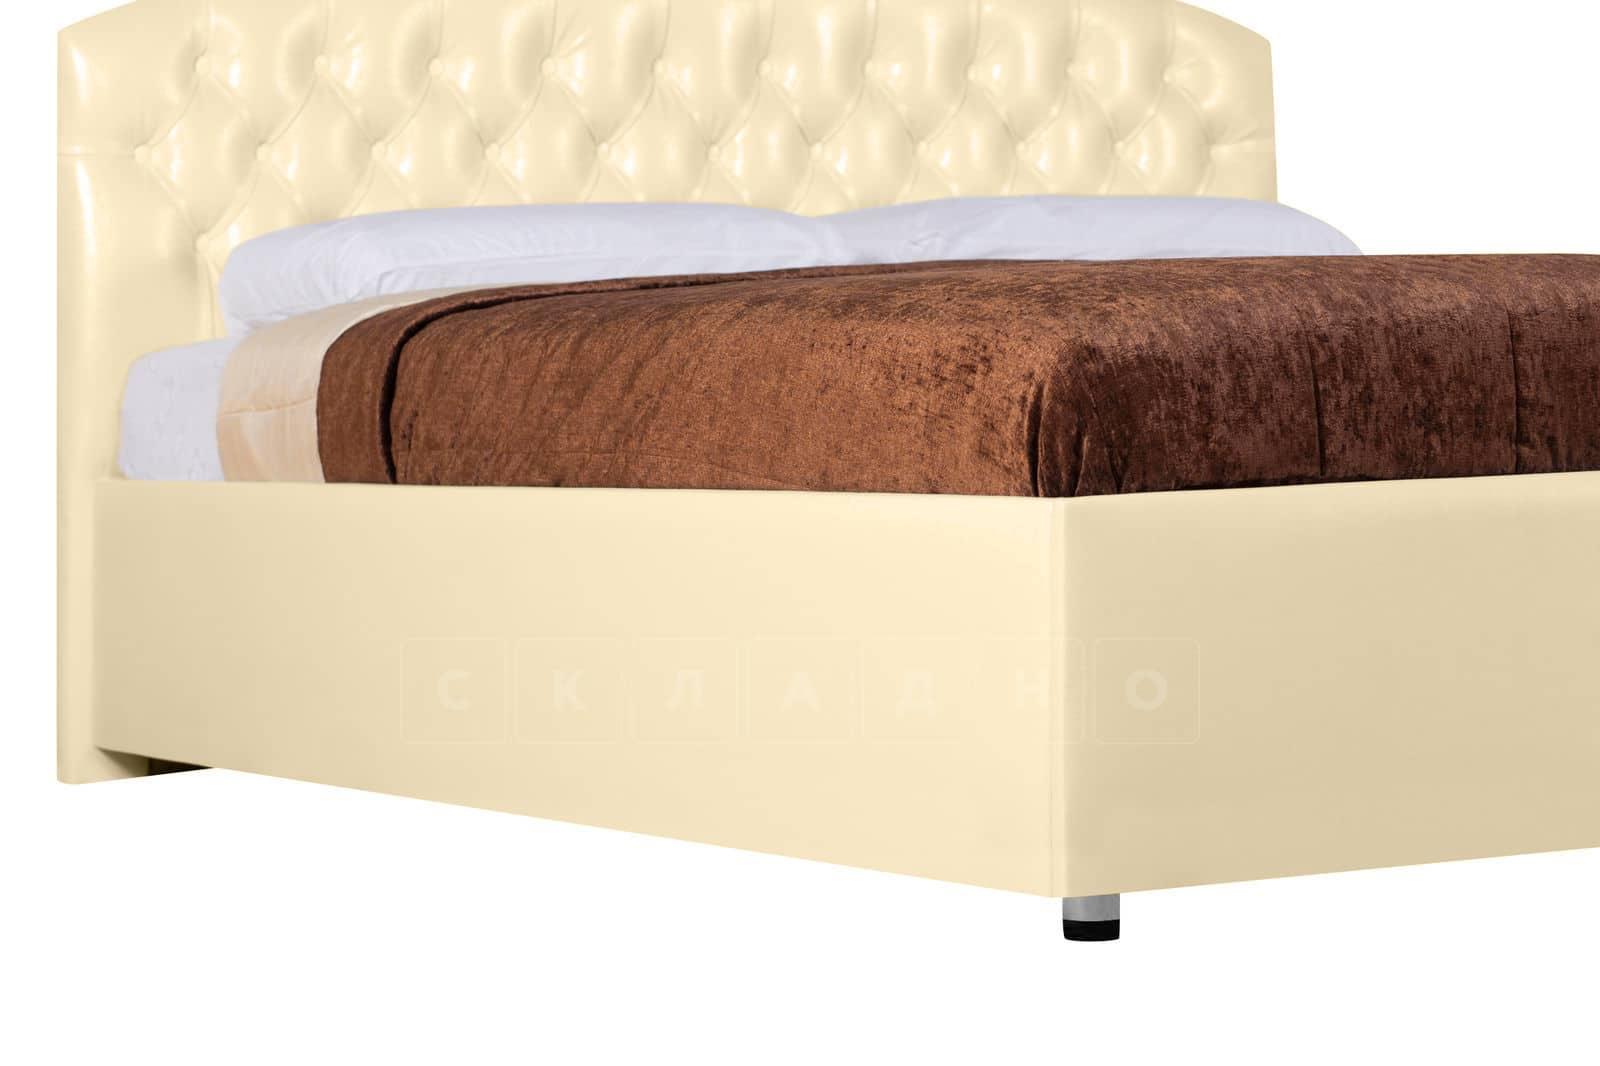 Мягкая кровать Малибу 160см экокожа бежевого цвета вариант 1-2 фото 6 | интернет-магазин Складно